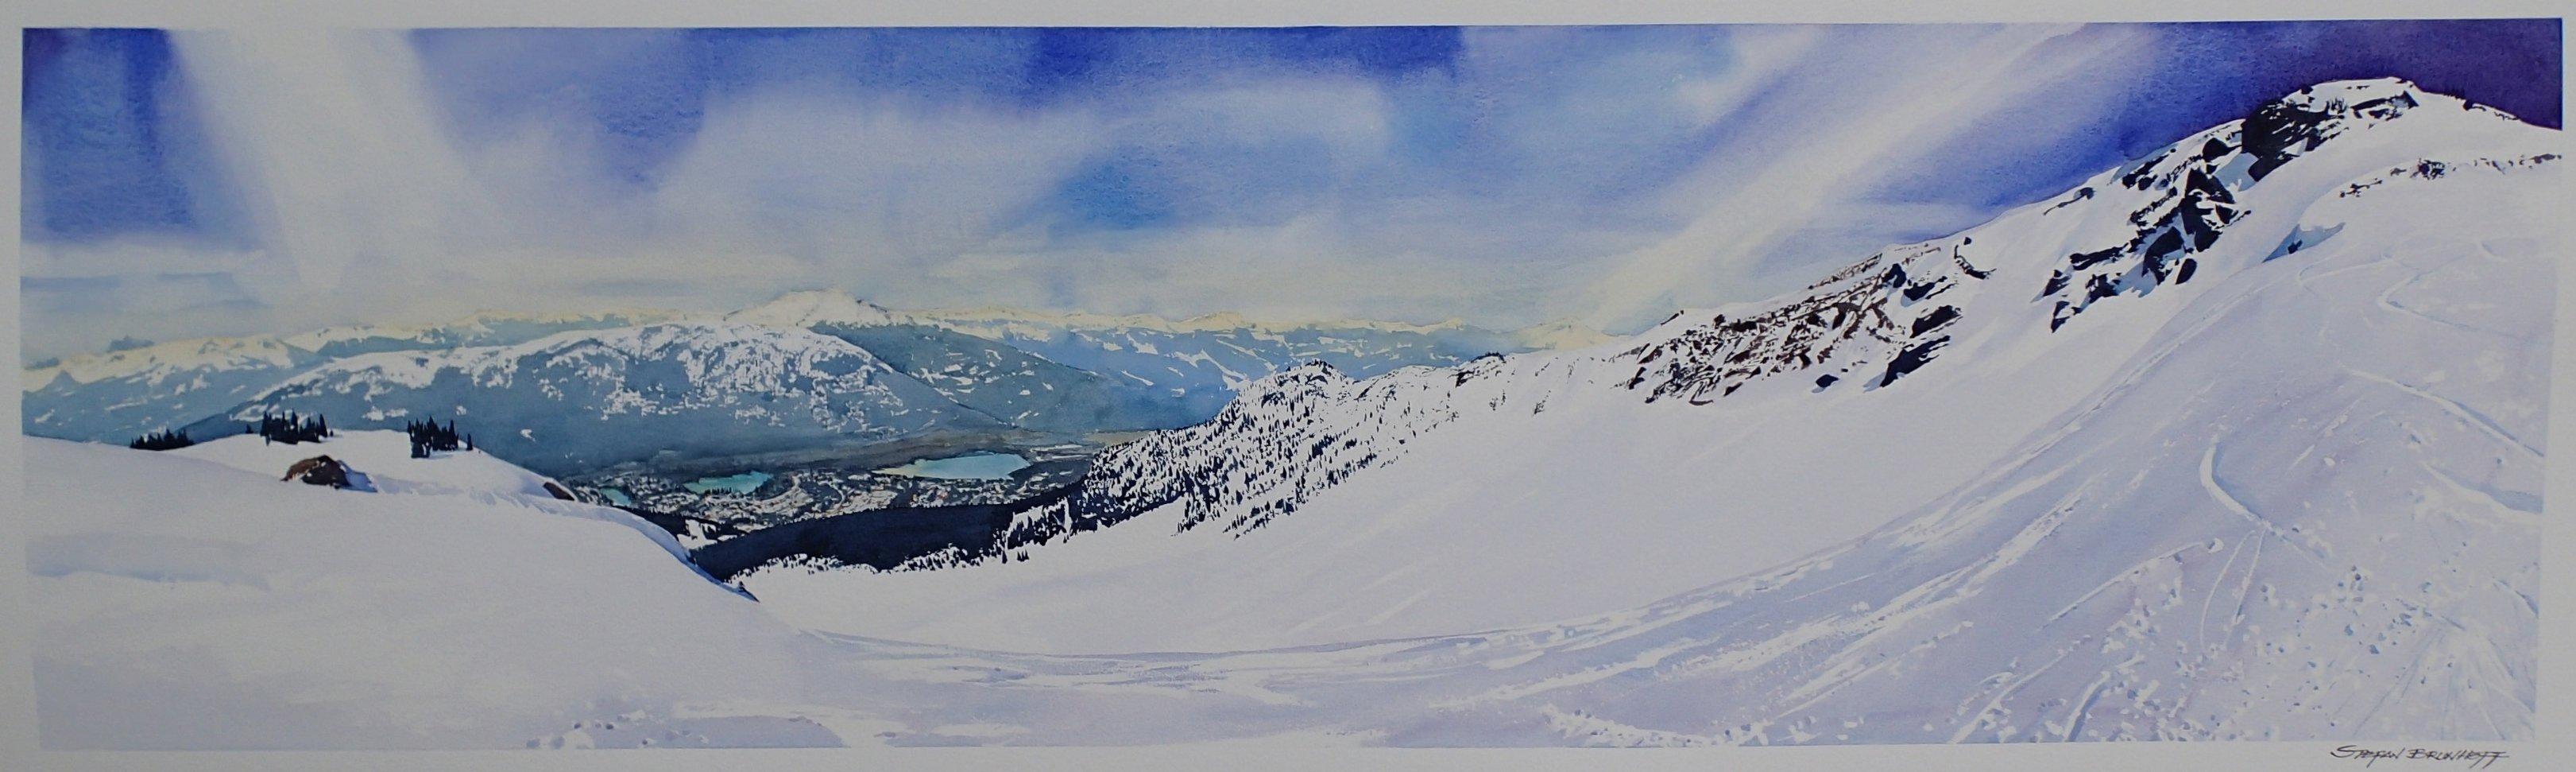 Cockalorum entry, Whistler  (Sold)